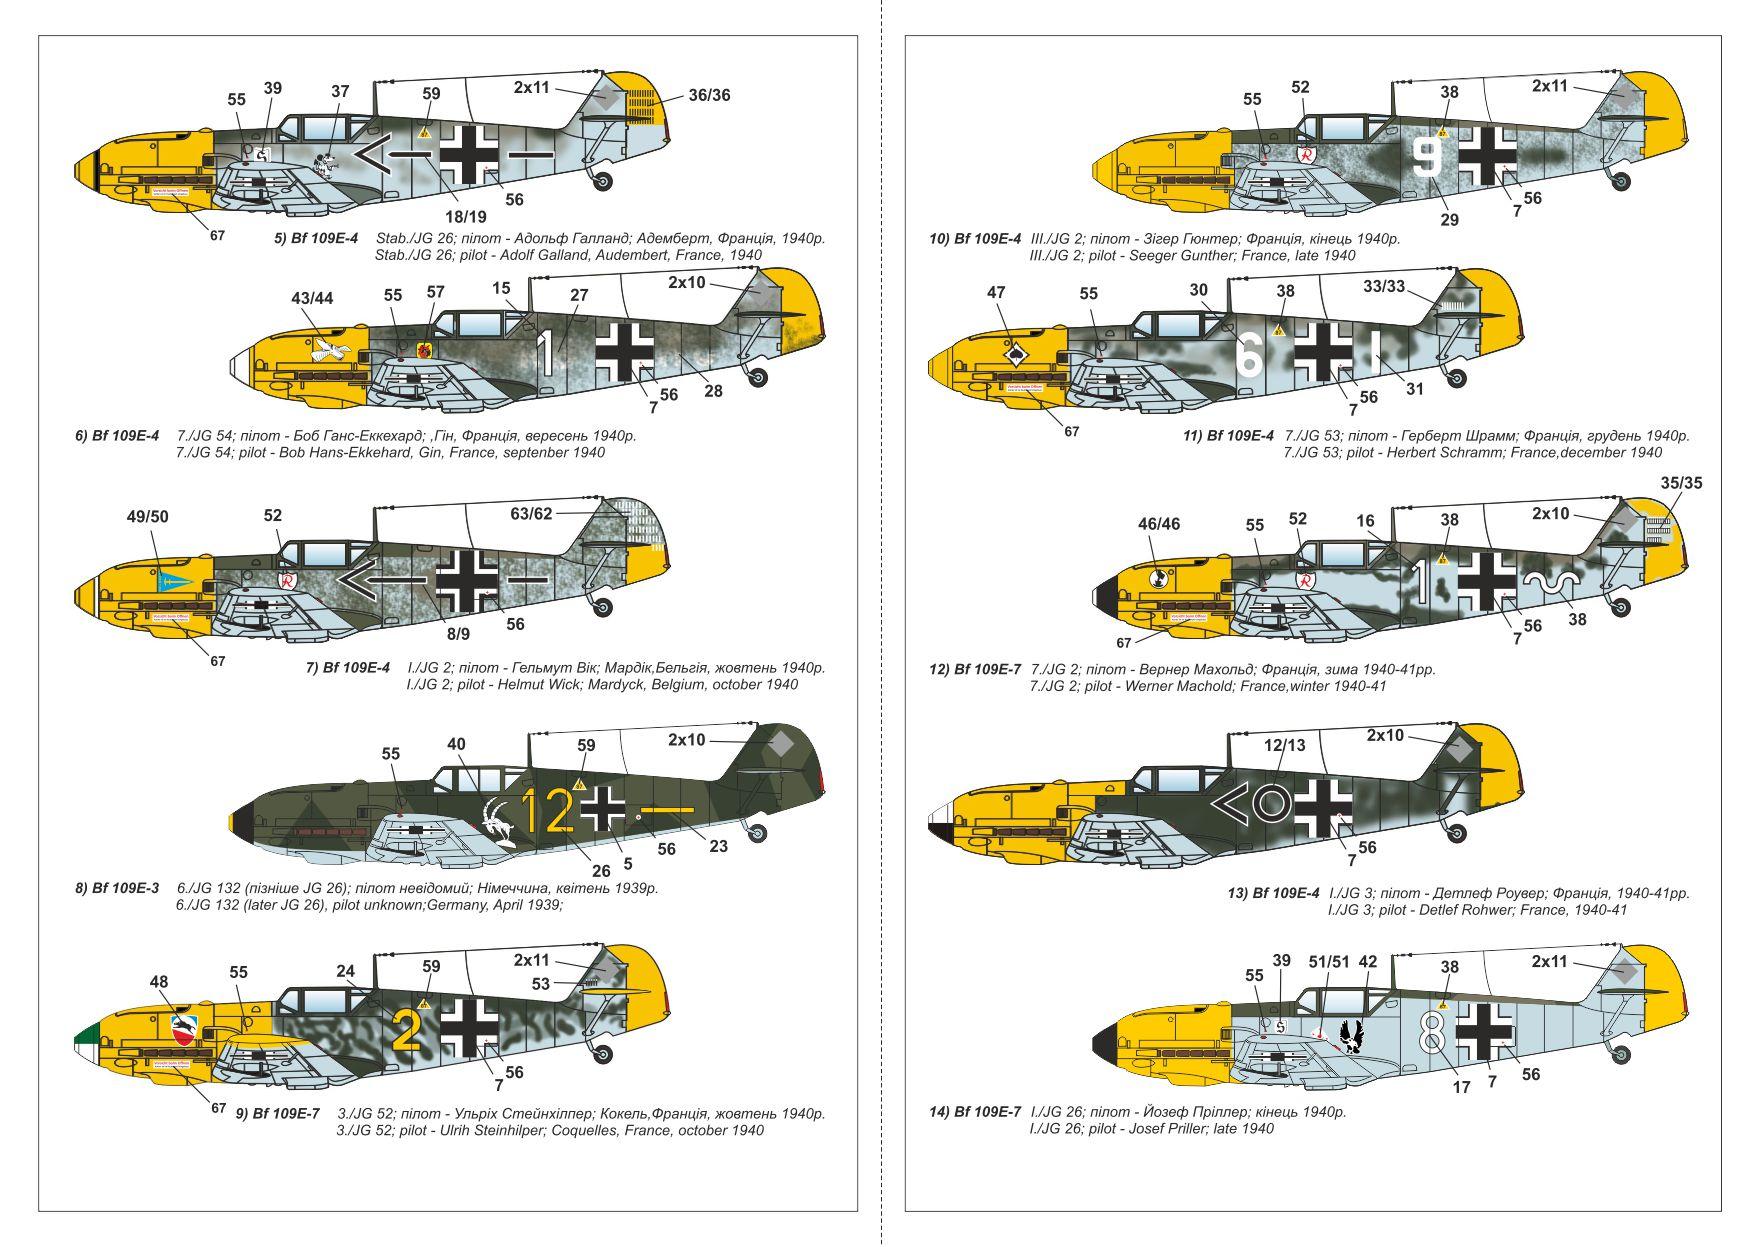 Model Maker 1//48 MESSERSCHMITT Bf-109E-4 and Bf-109E-7 Paint Mask Set